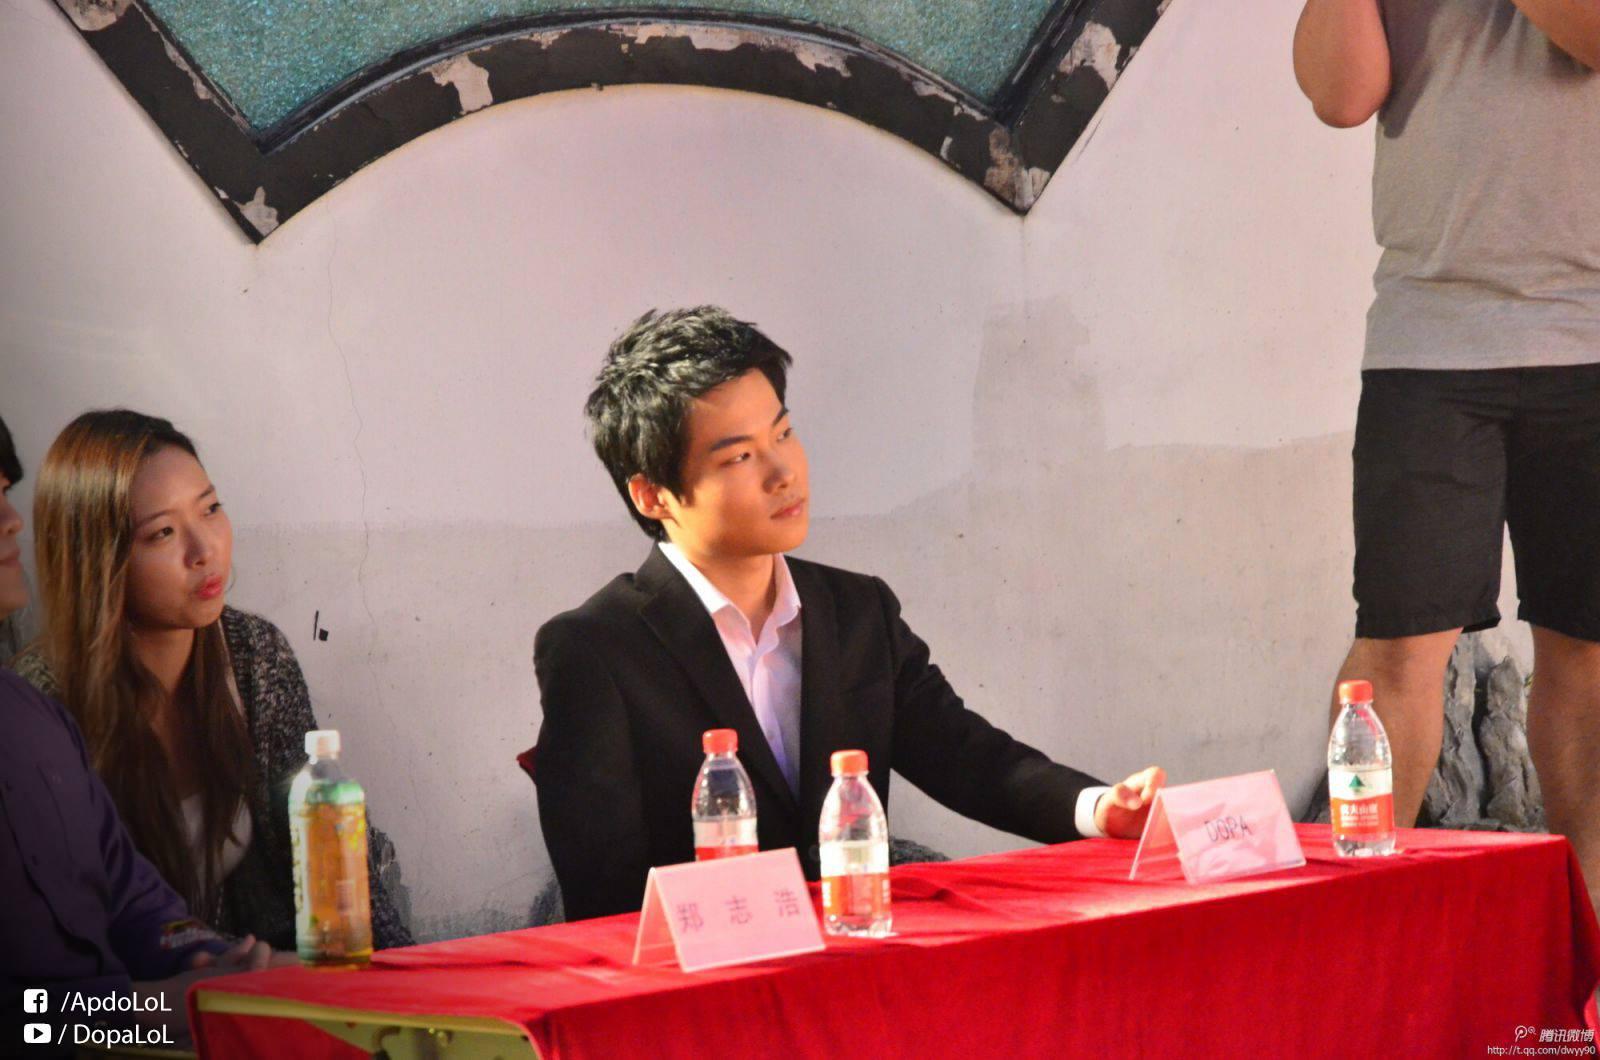 Apdo - Korea's Infamous Solo-queue Outlaw | Dot Esports